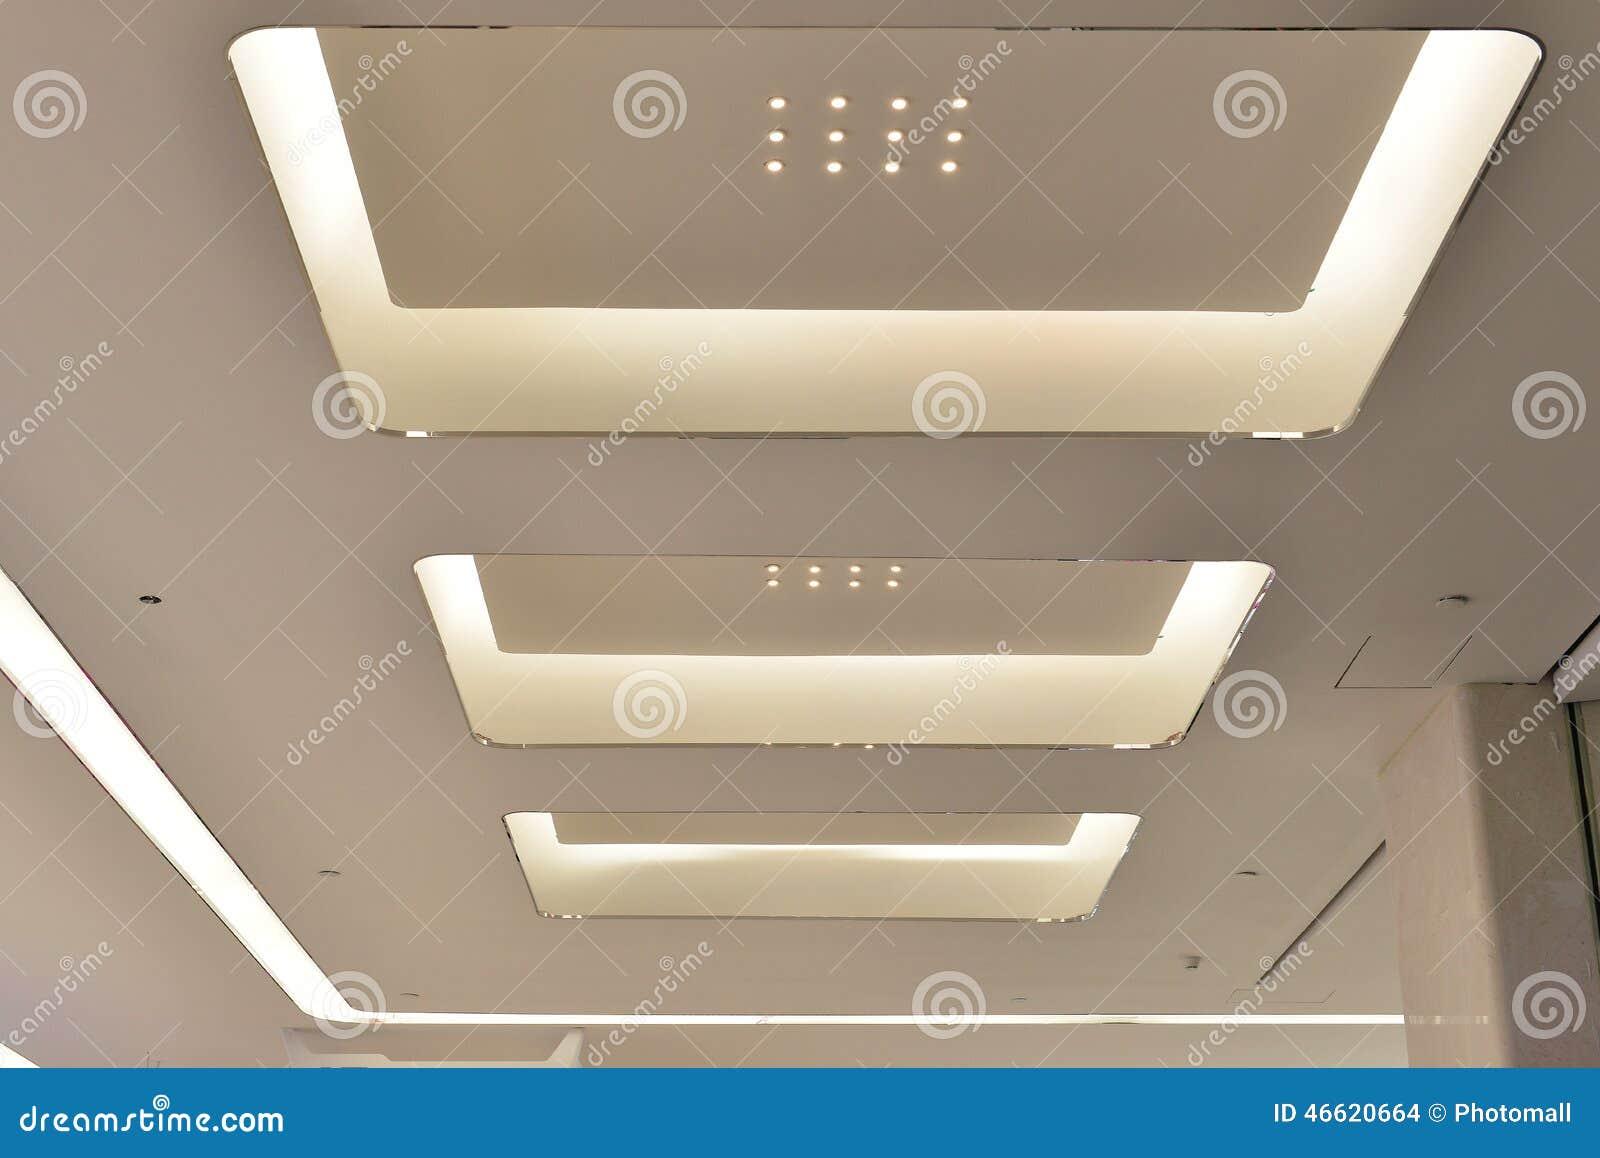 D'ï Mené Œmodern ¼ Moderne L'immeuble Plafond De Bureaux 13TlKJcuF5